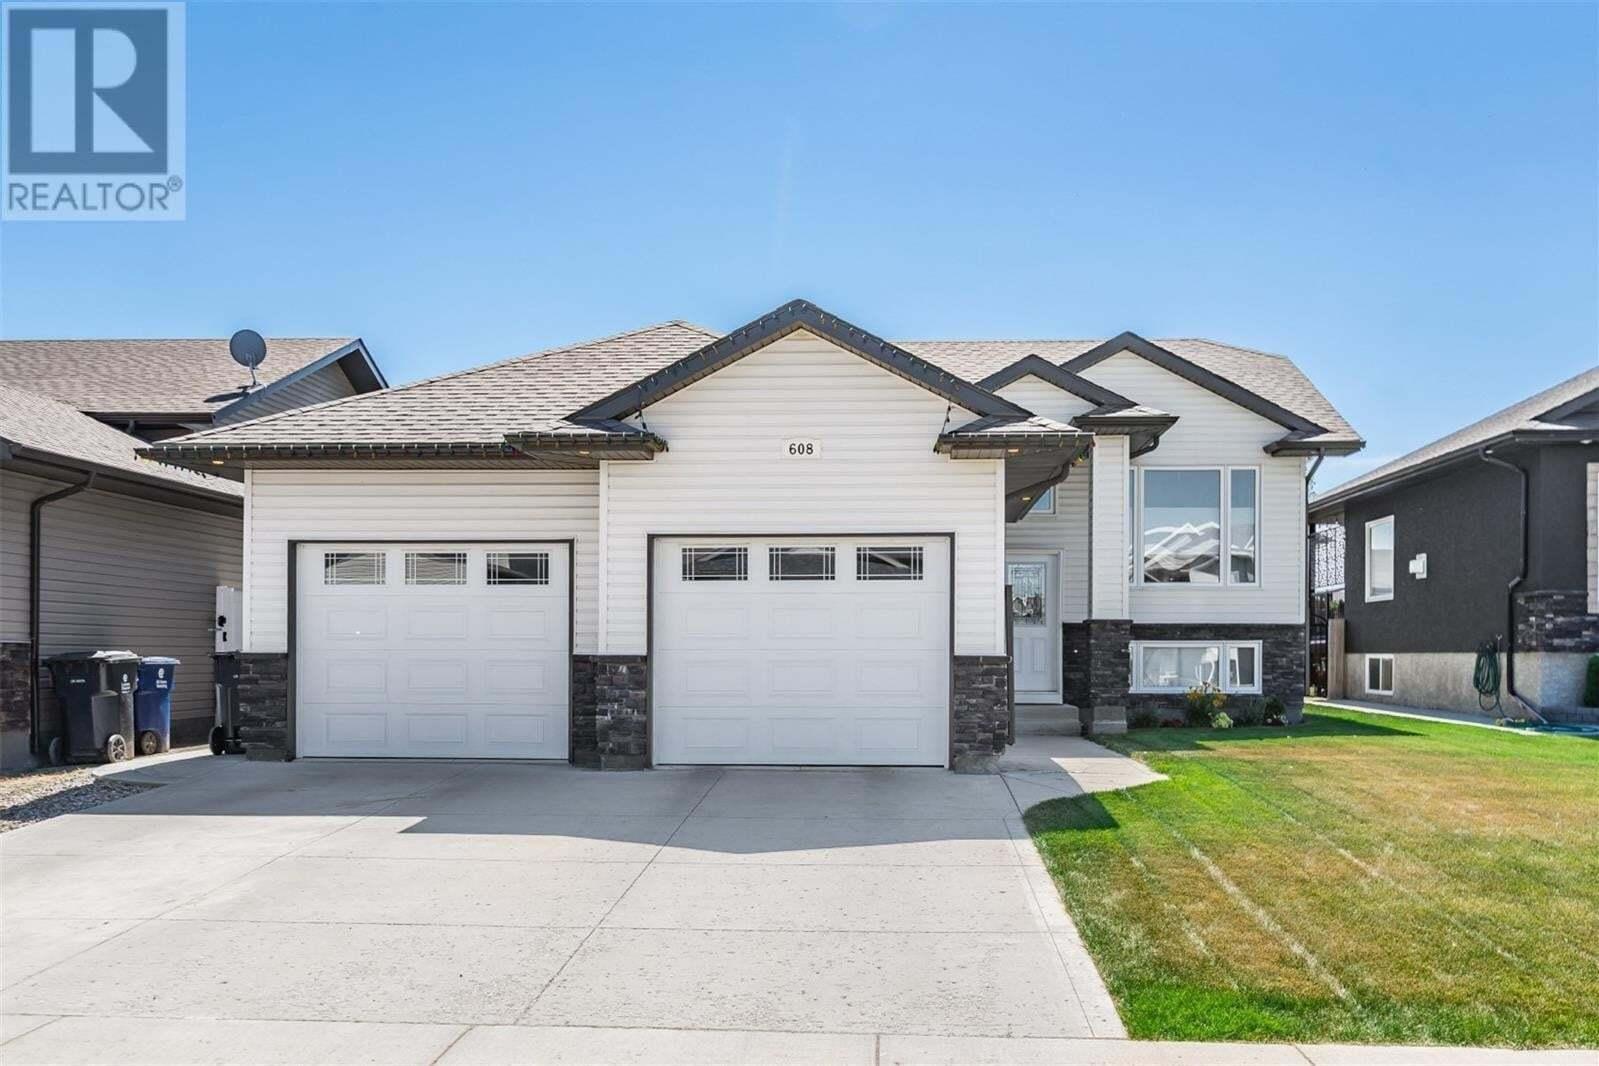 House for sale at 608 Reimer Rd Martensville Saskatchewan - MLS: SK820975